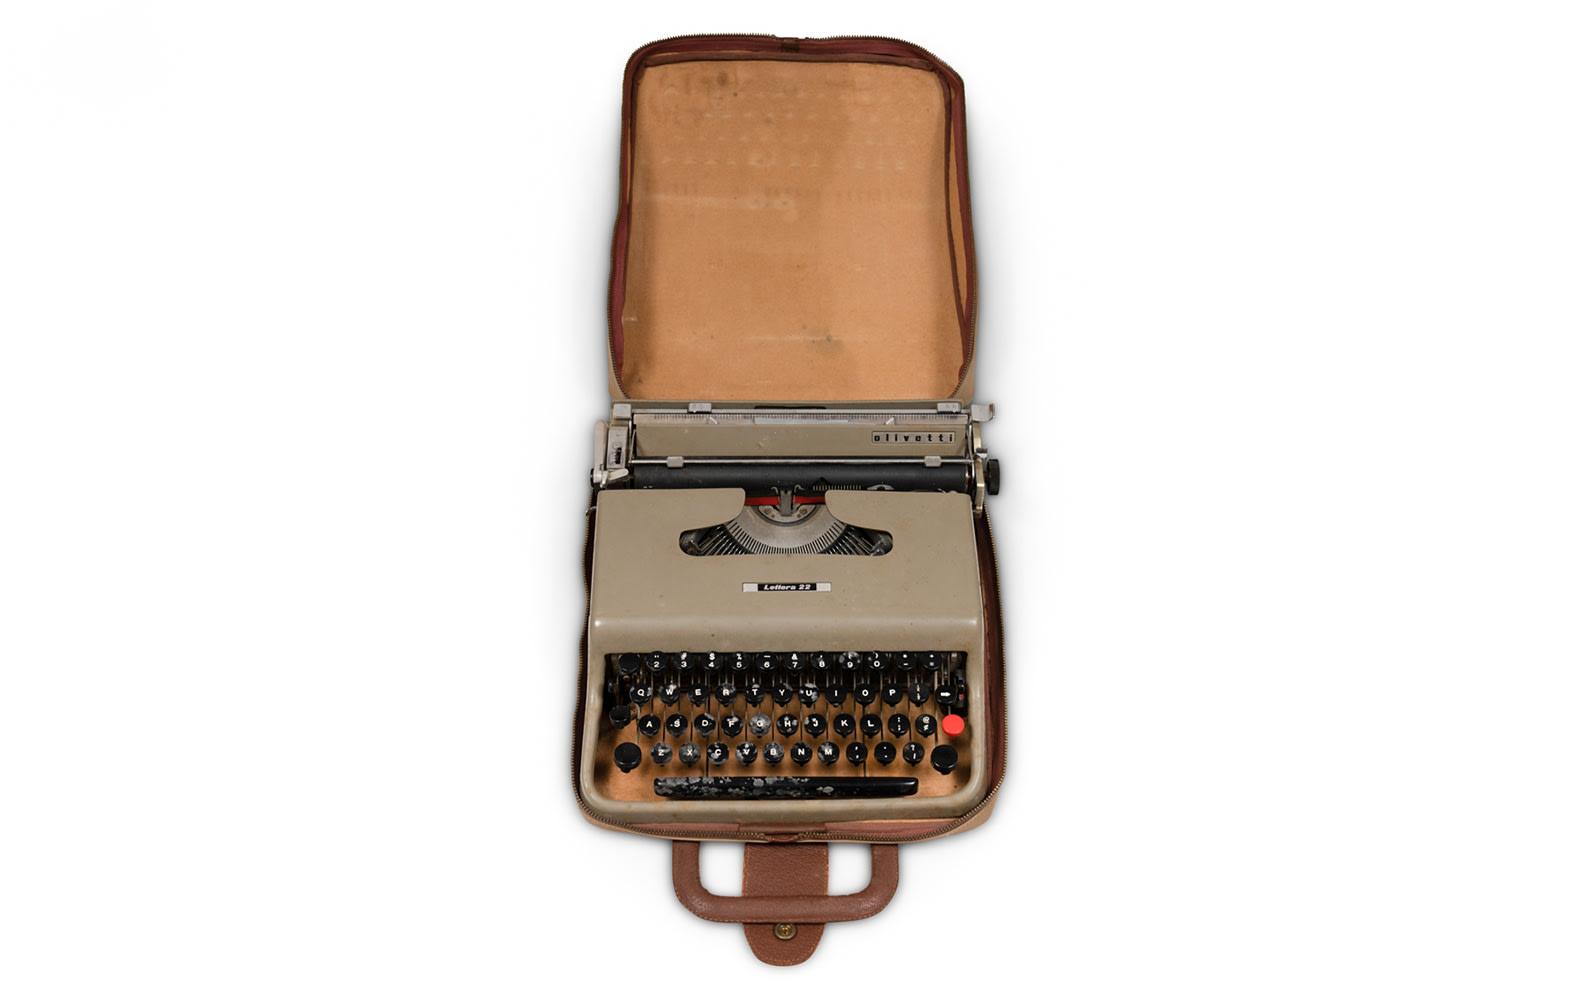 Prod/O21E - Phil Hill C 2021/C0004_Olivetti Lettera 22 Typewriter/C0004_Olivetti_Lettera_22_Typewriter_3_obycfg